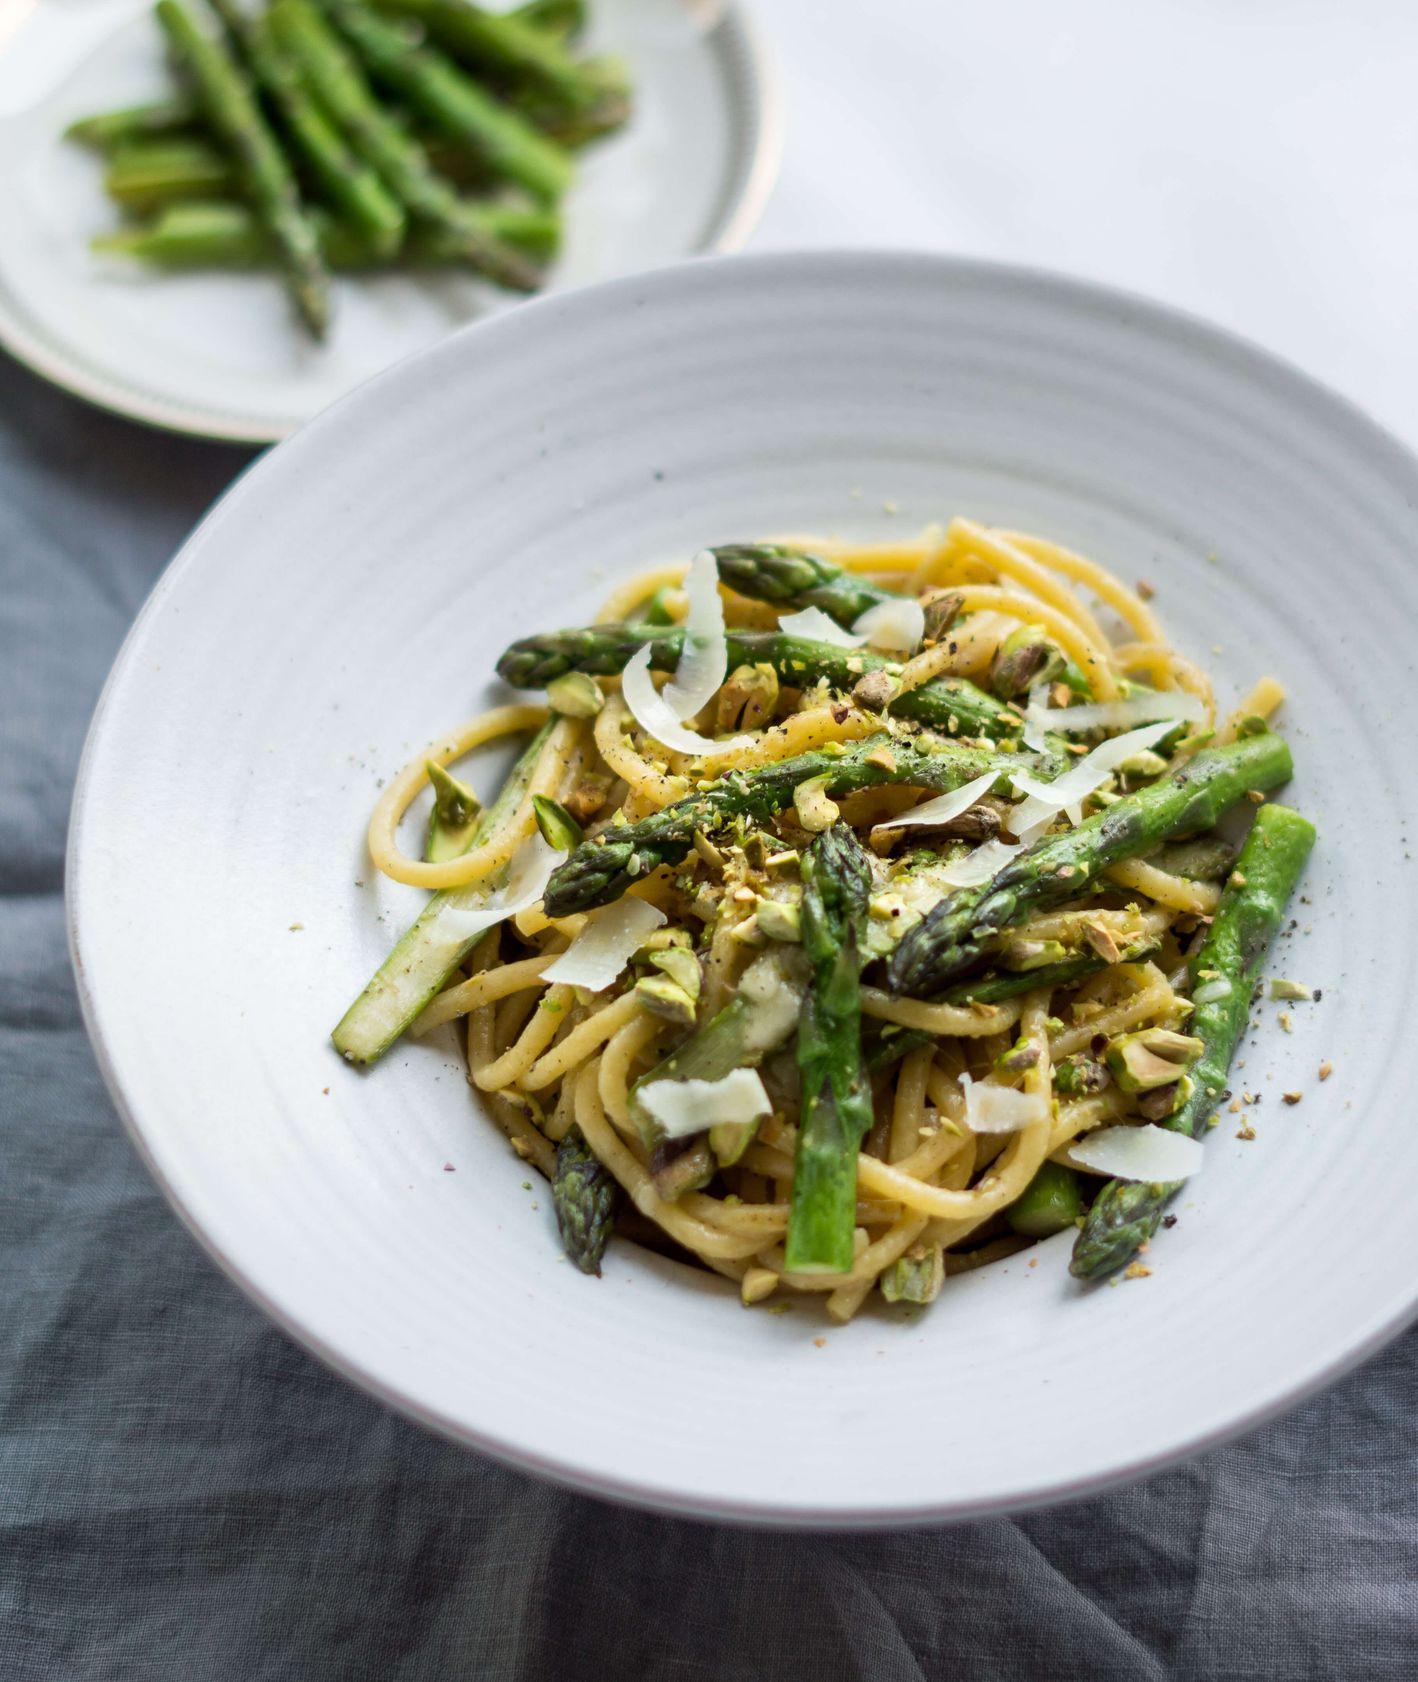 makaron ze szparagami, parmezanem i pistacjami, obiad ze szparagami dla dzieci (fot. Zuza Rożek)